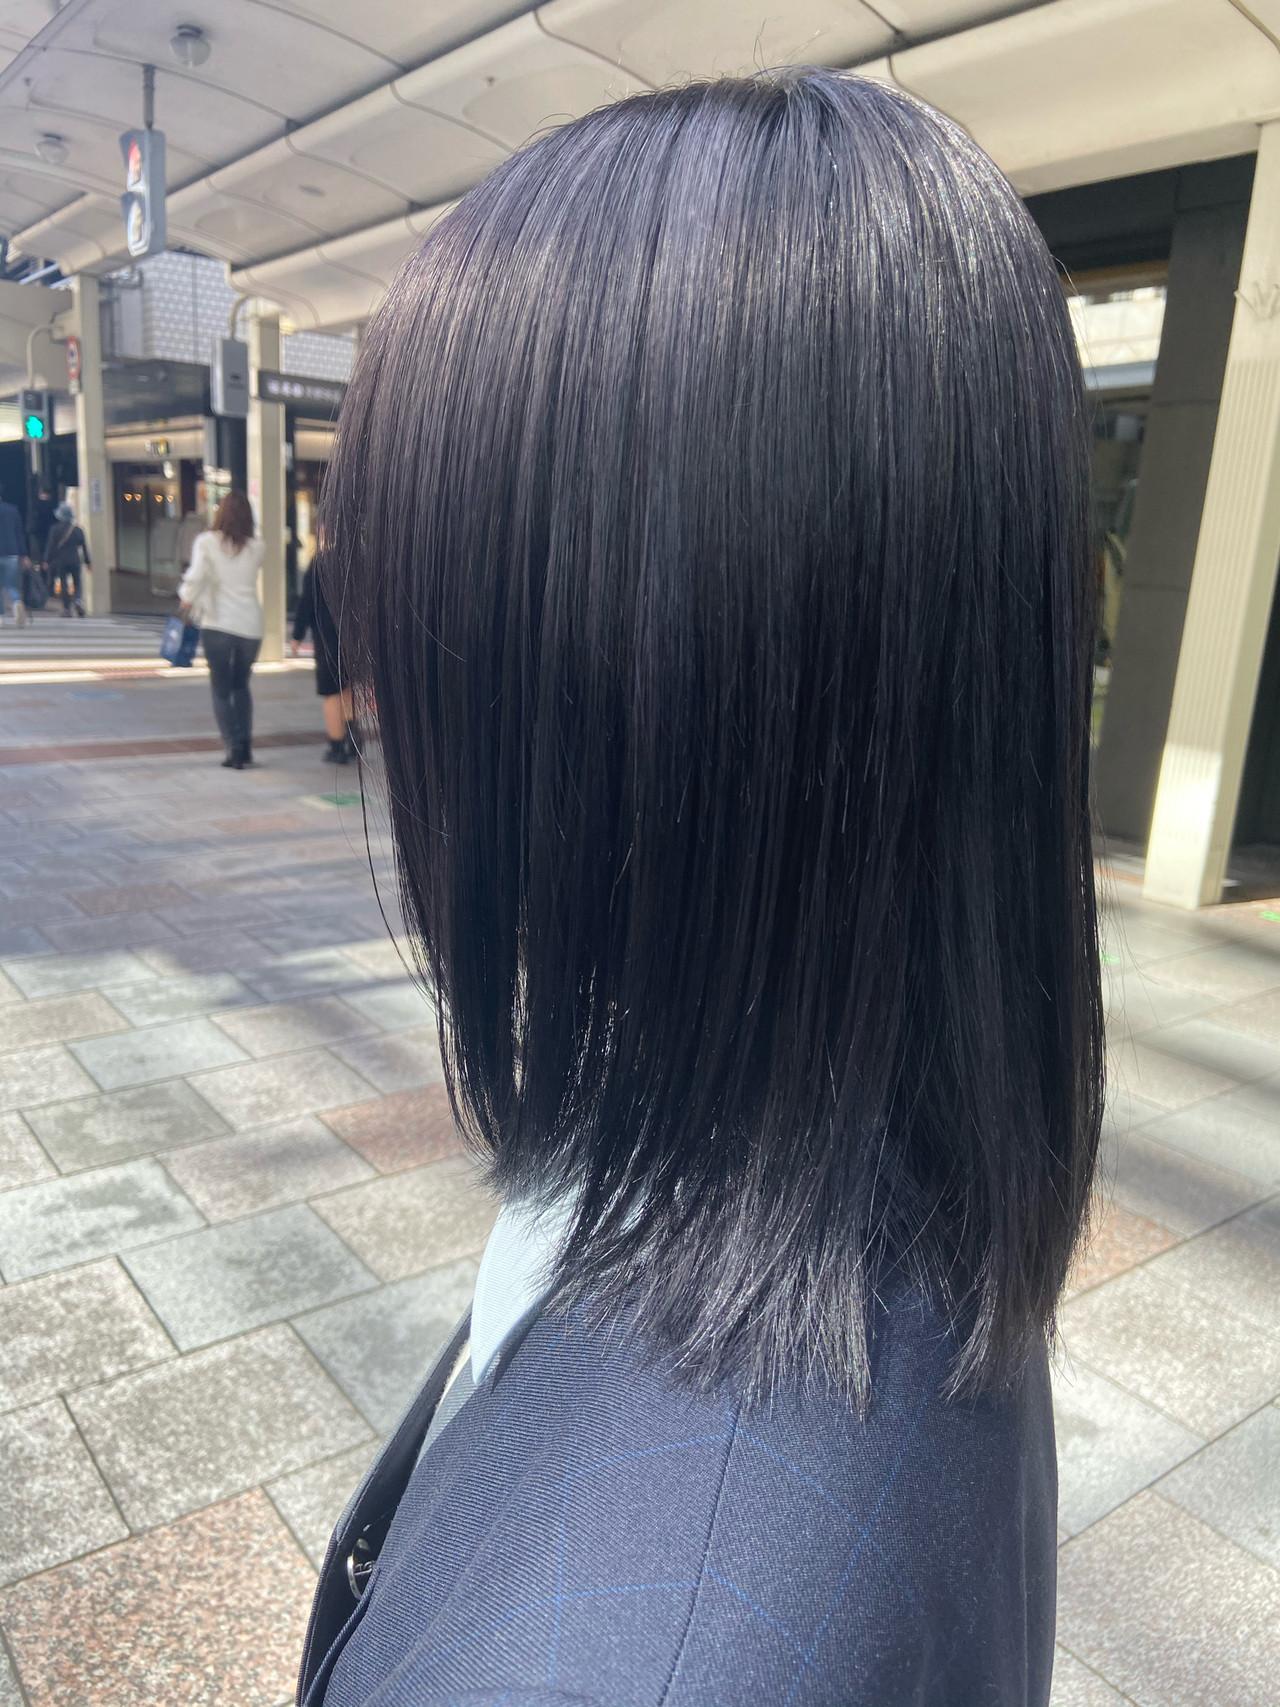 セミロング ブルージュ ブルー ブルーアッシュ ヘアスタイルや髪型の写真・画像